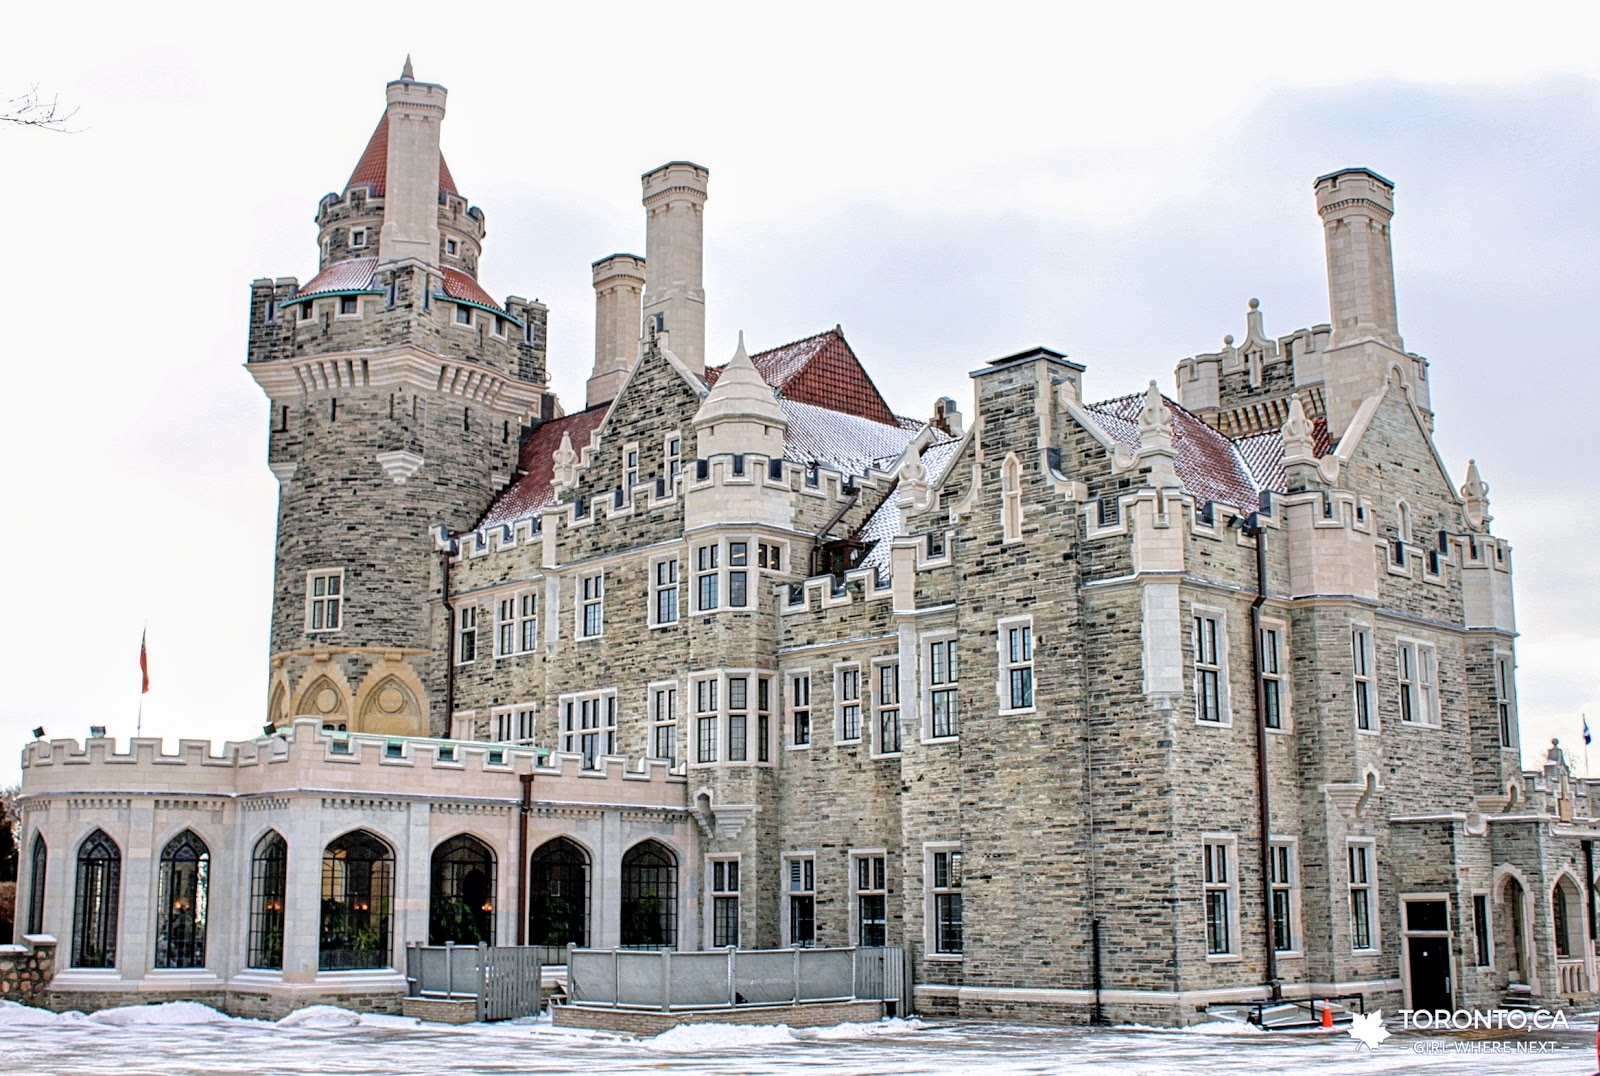 【加拿大】多倫多 卡薩羅馬城堡 (Casa Loma):城市中的百年古典城堡